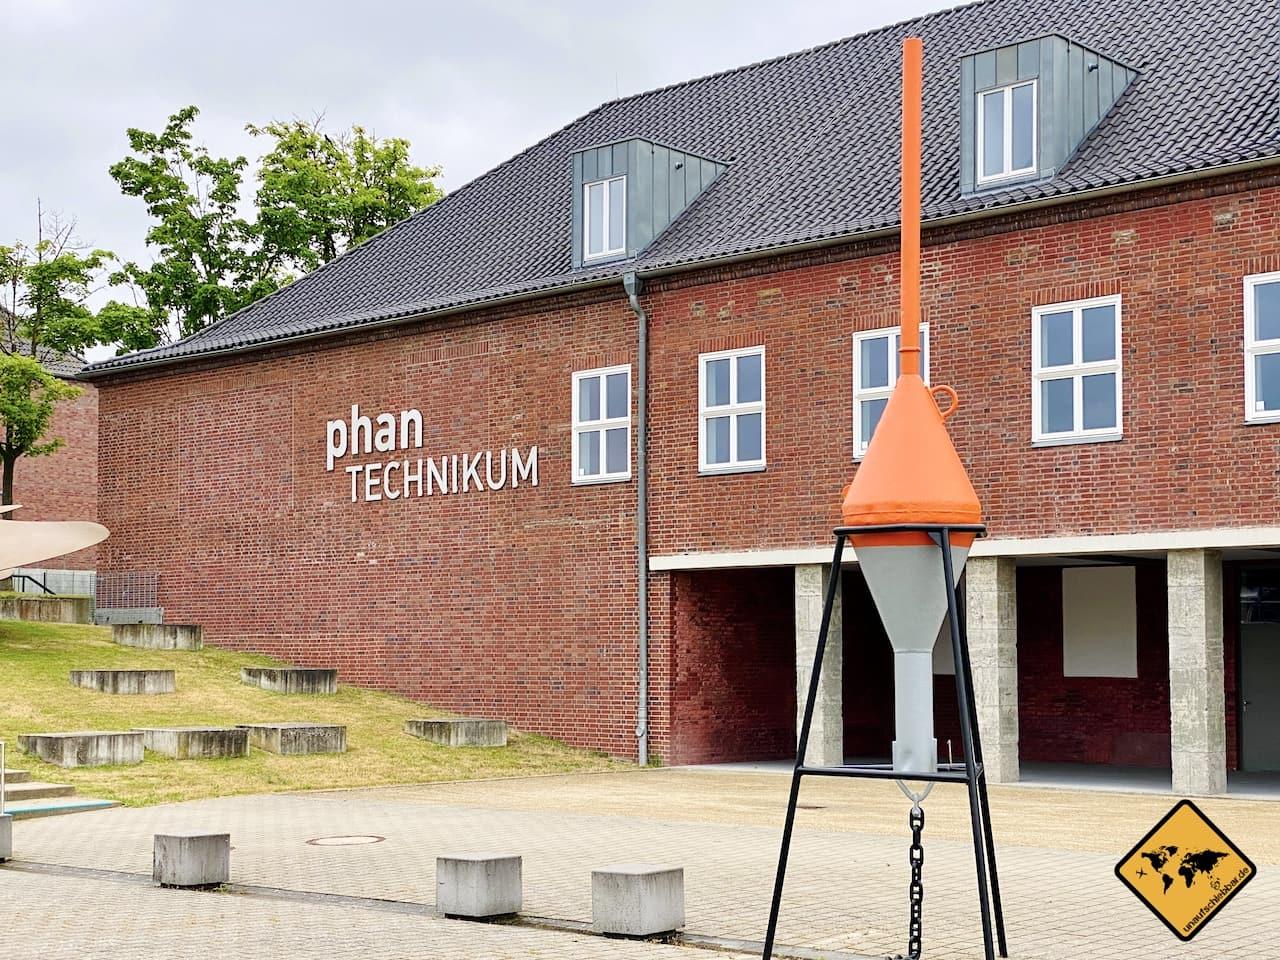 phanTECHNIKUM Wismar